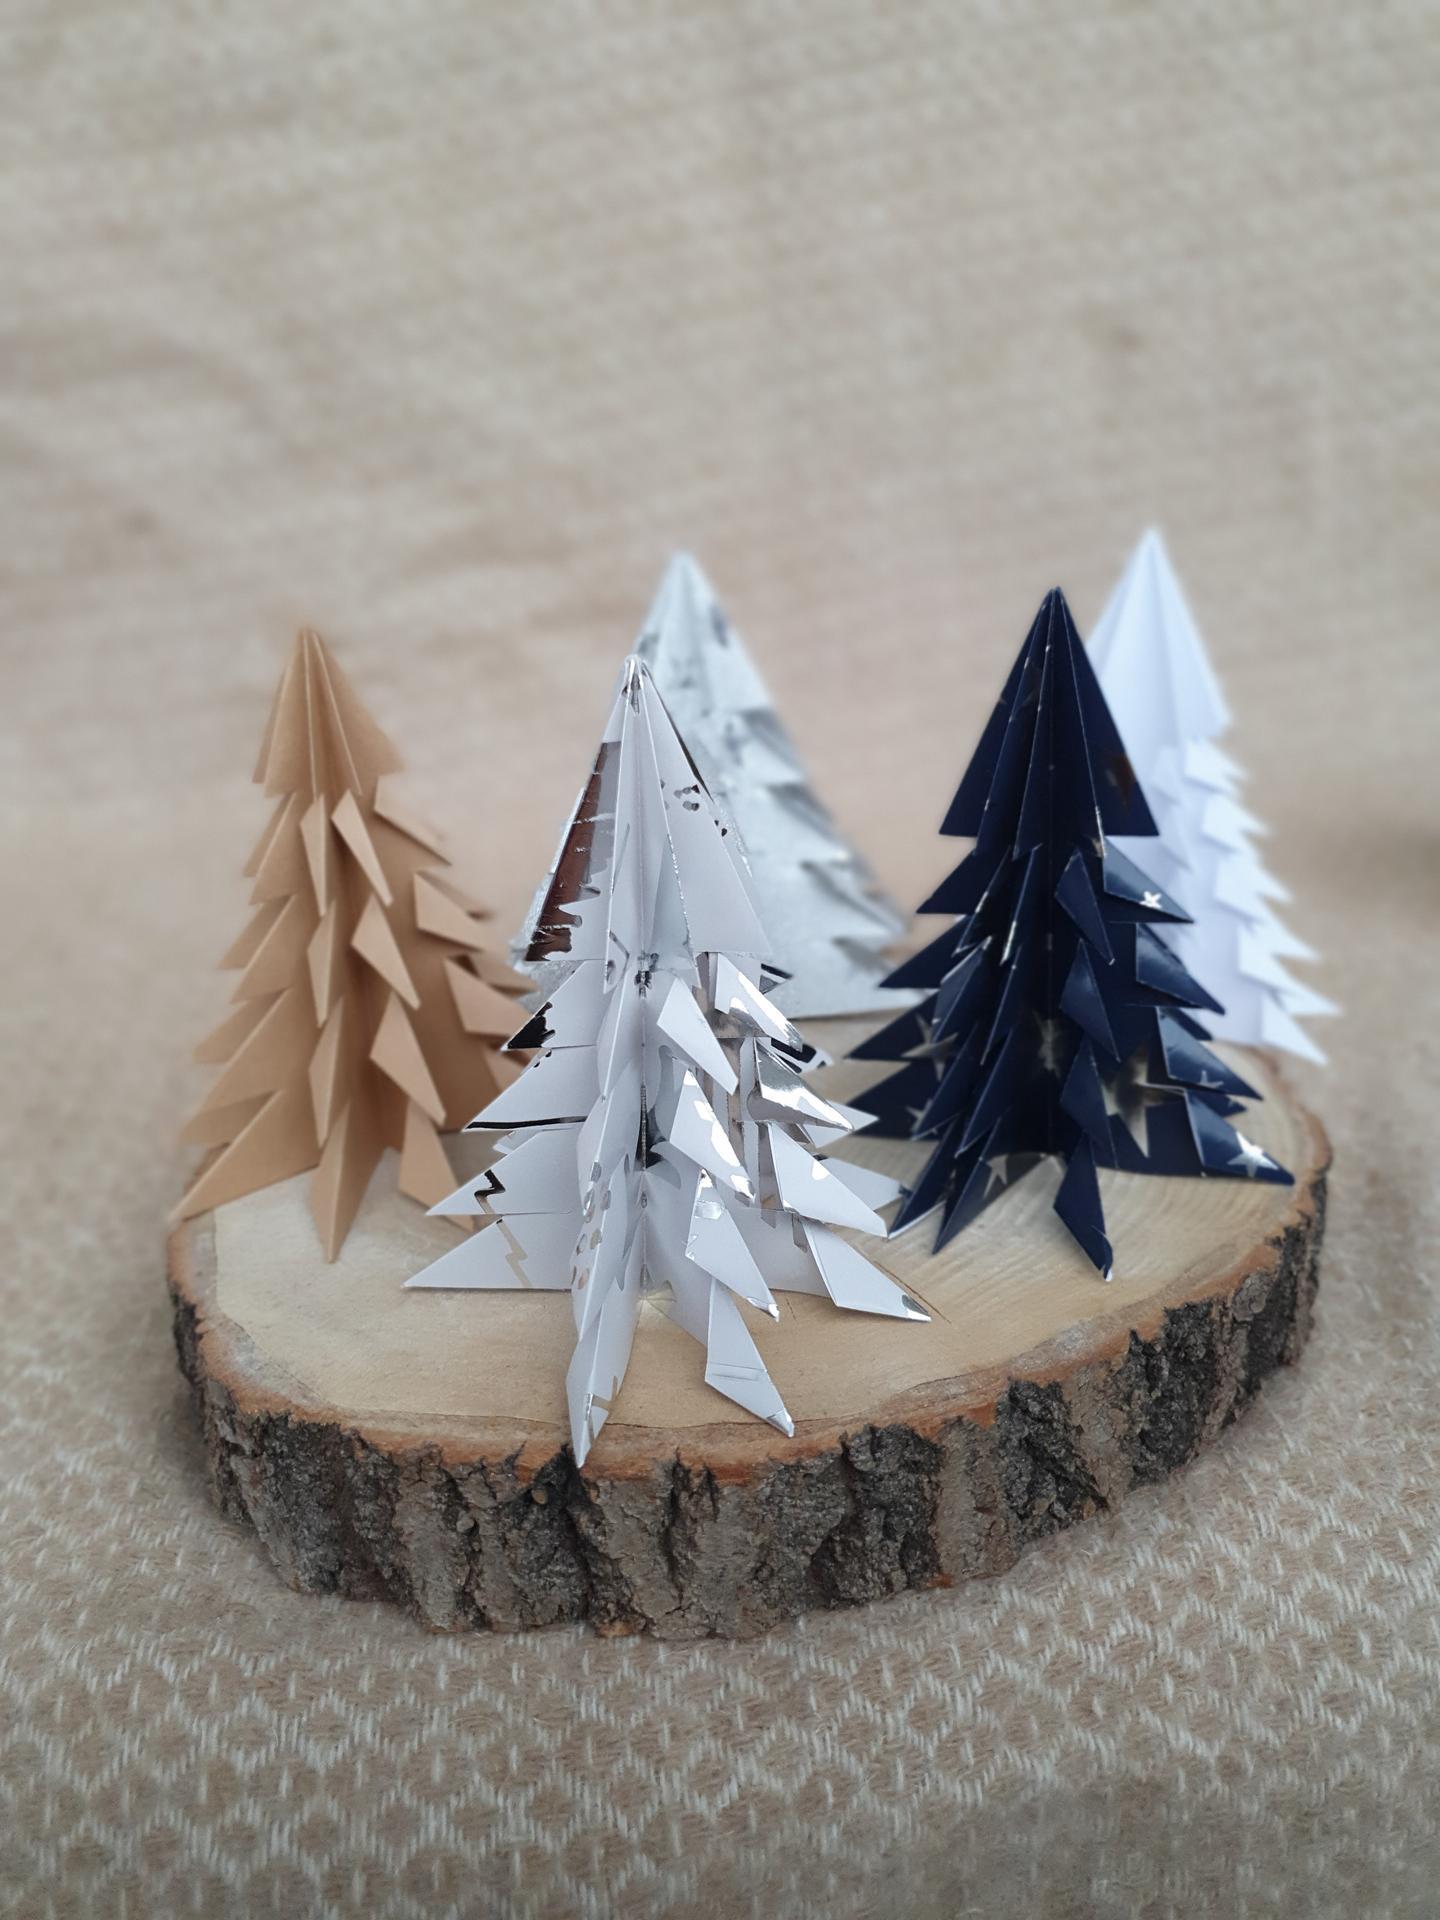 Vianočné dekorácie/Vianočná inšpirácia - Obrázok č. 31